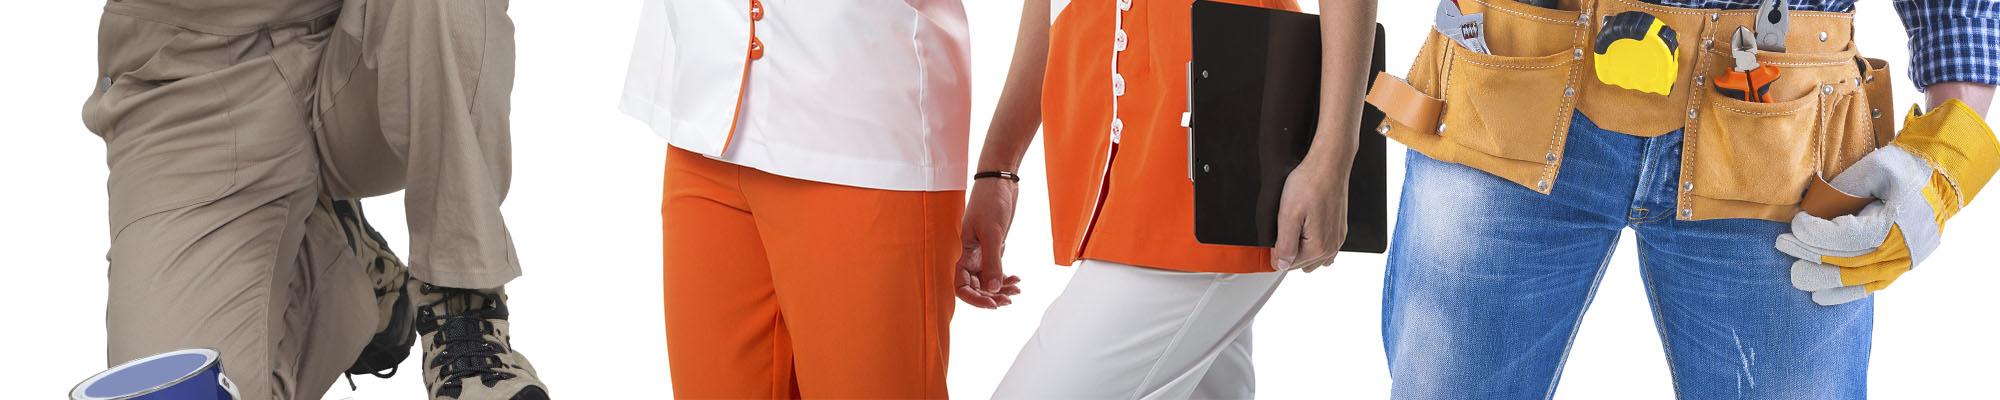 2-stampa pantaloni lavoro personalizzati Vercelli logo - Jasp Srl Borgosesia